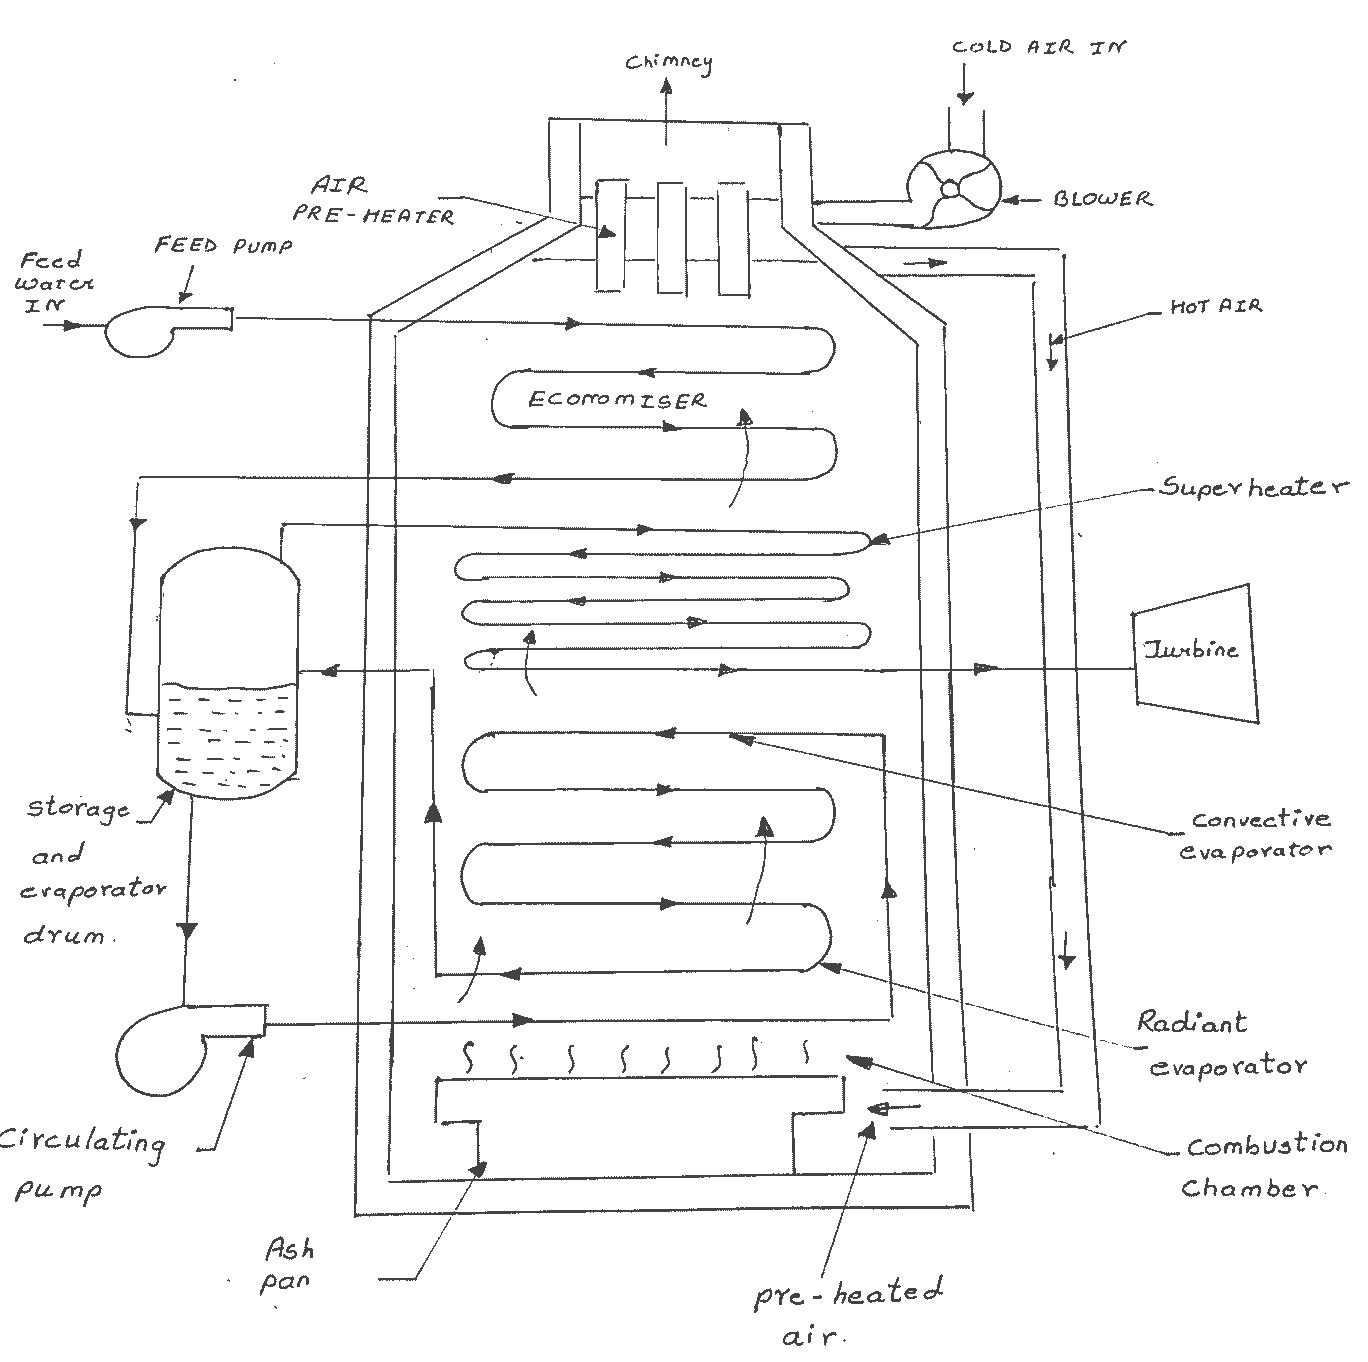 Lamont boiler diagram